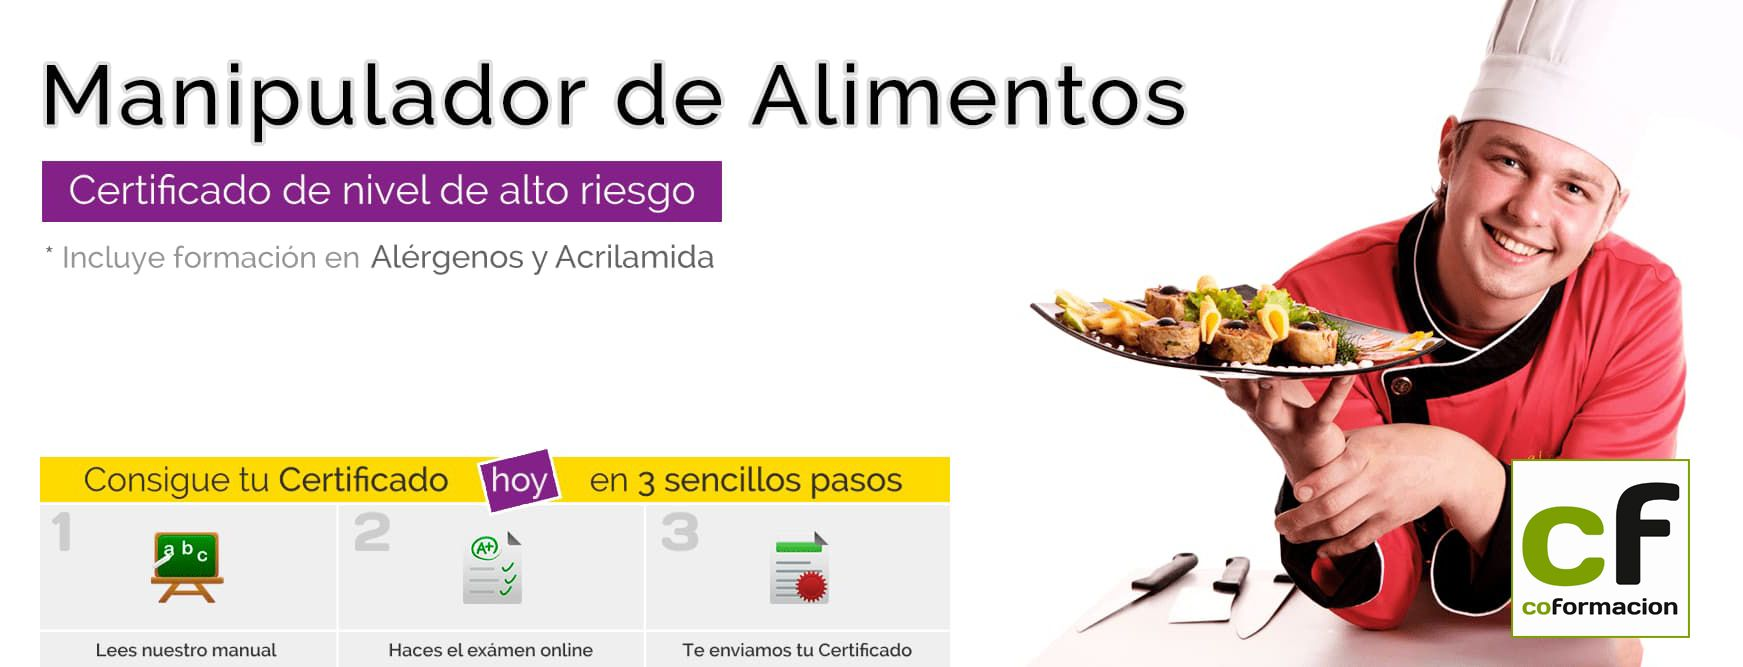 Cómo conseguir el carnet de manipulador de alimentos online con Coformación